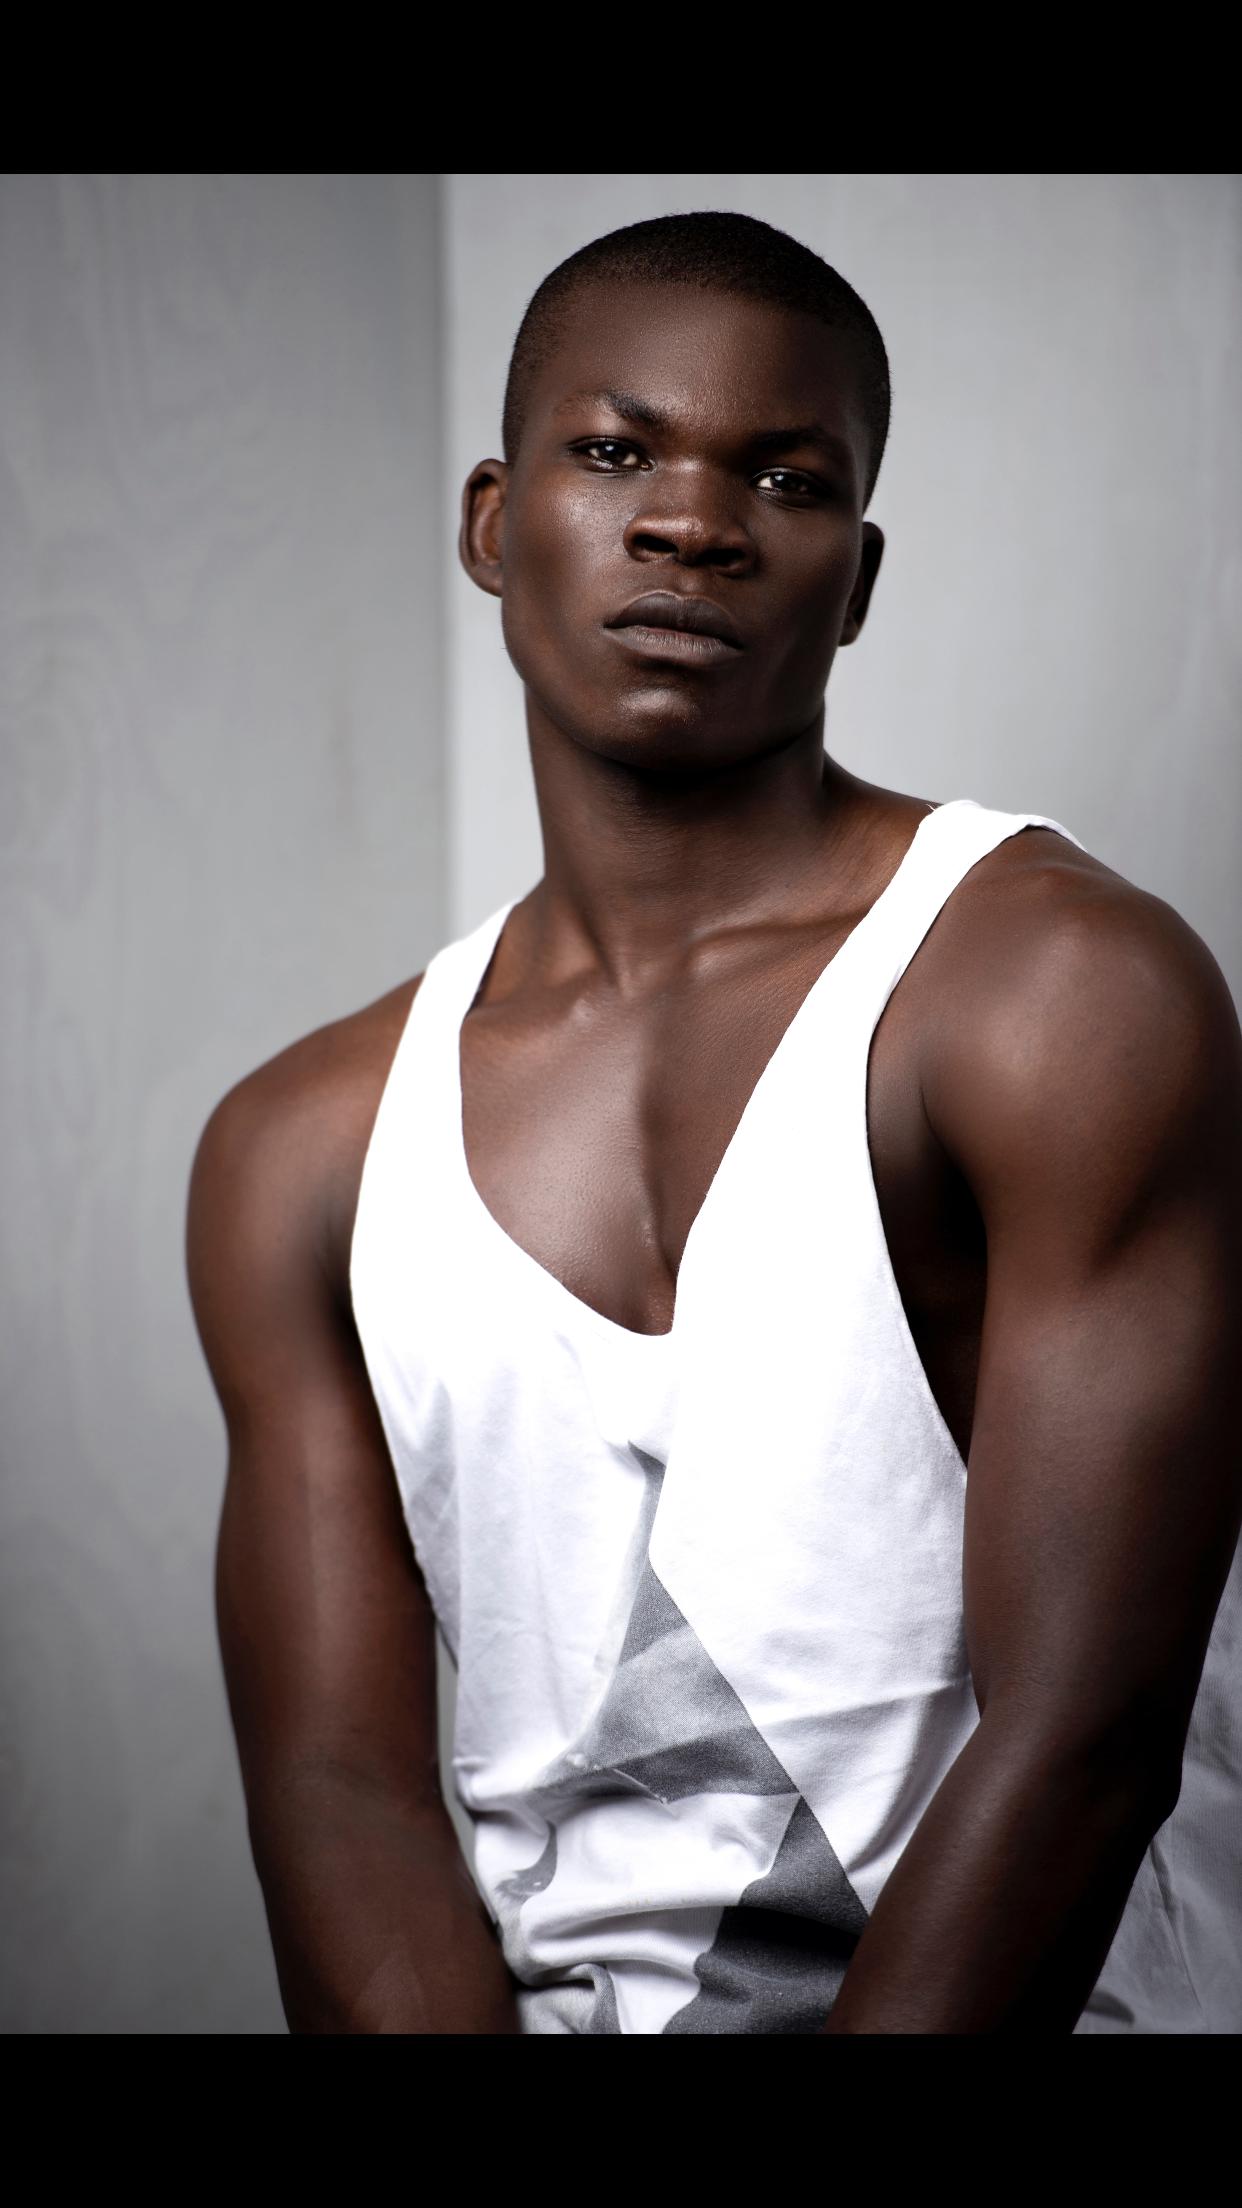 Top Black Models 2017 East Africa Black Male Models Top Male Models Black Models